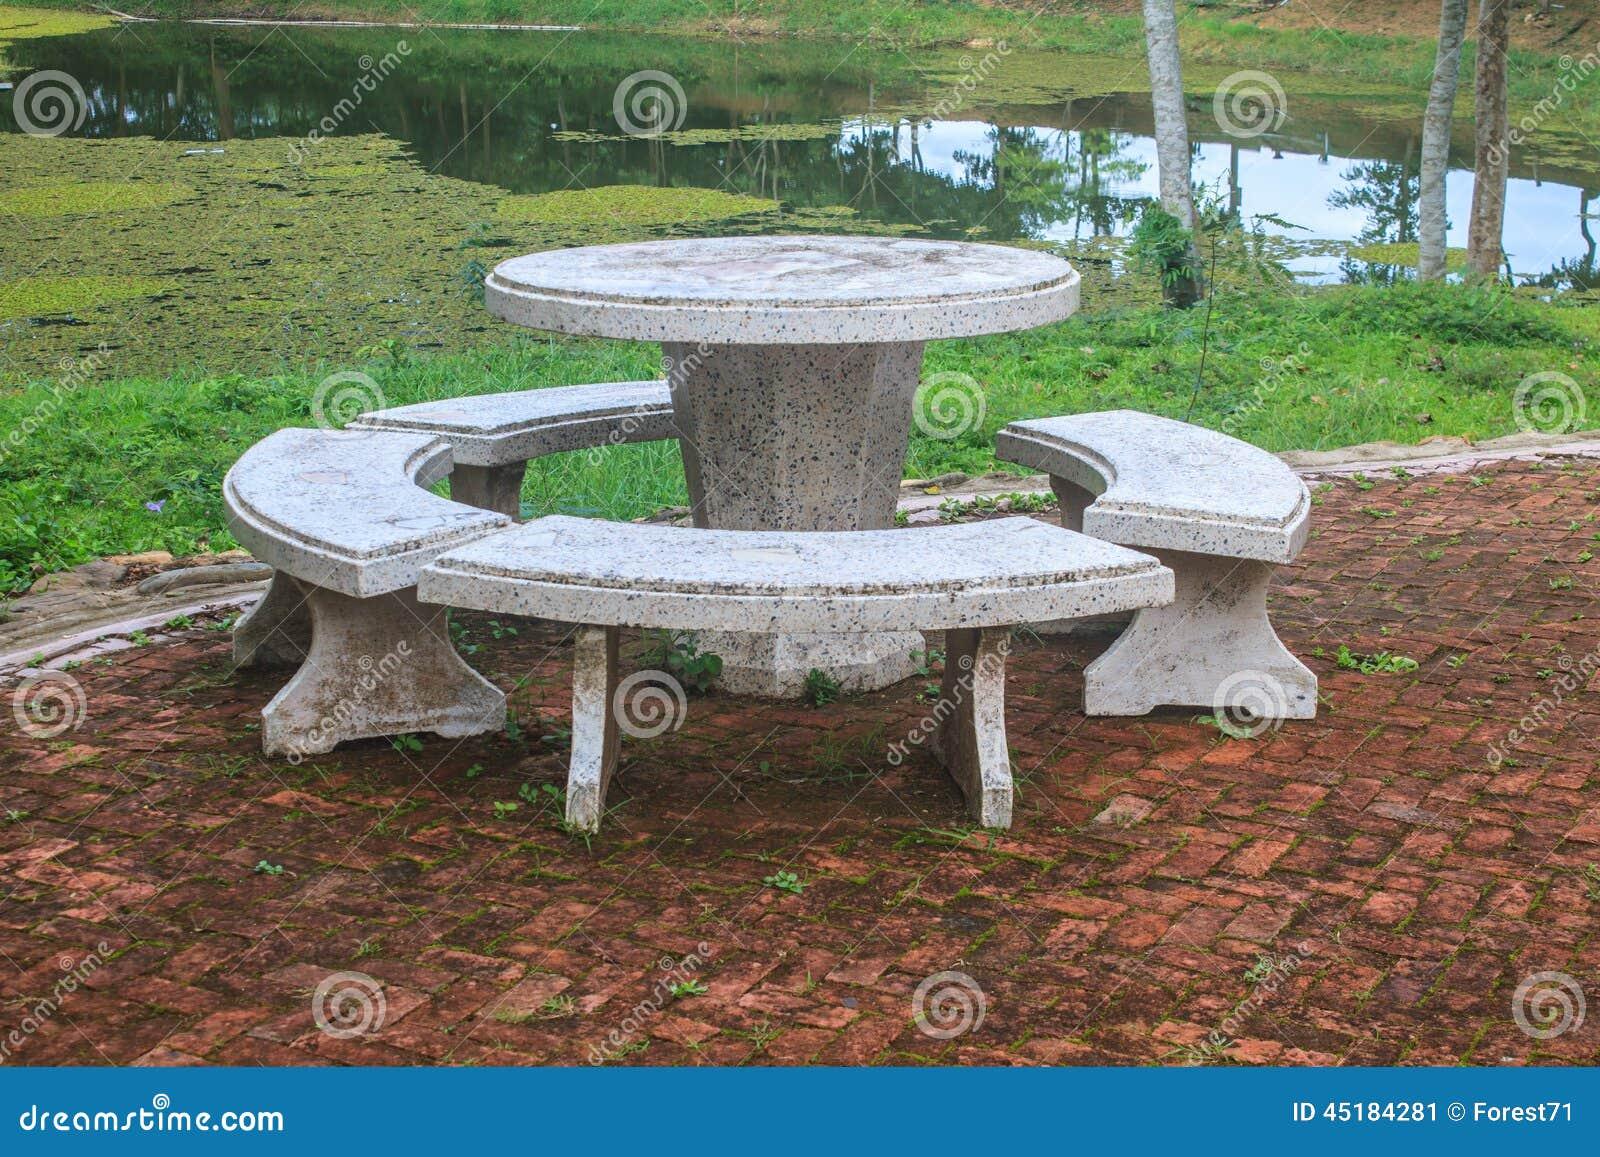 Banco de piedra para jardin beautiful bancos de granito y for Bancos de piedra para jardin